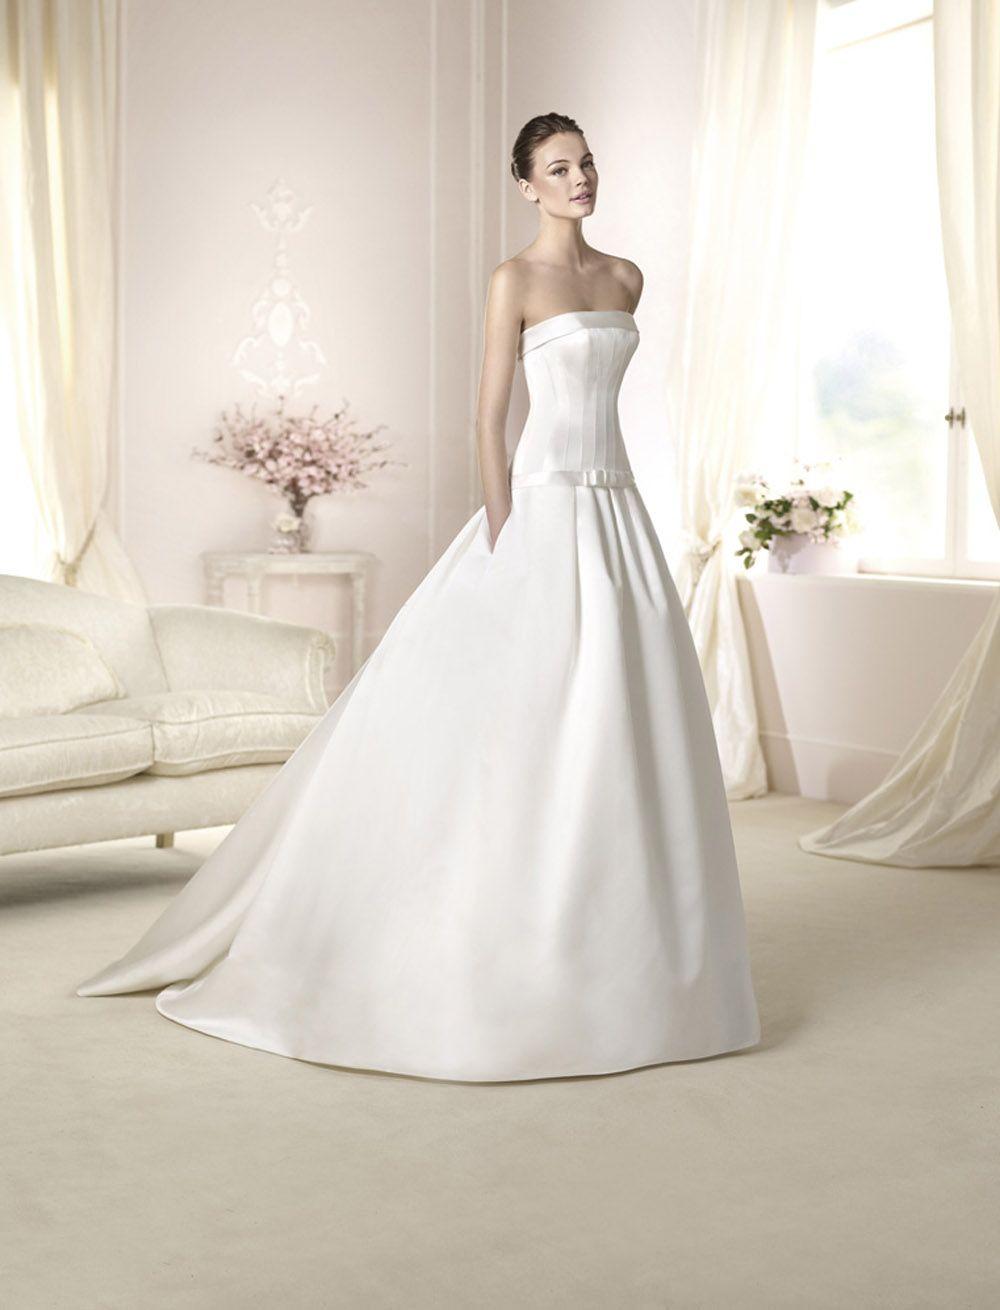 TRENDY W ONE-73 abiti da sogno, per #matrimoni di grande classe: #eleganza e qualità #sartoriale  www.mariages.it